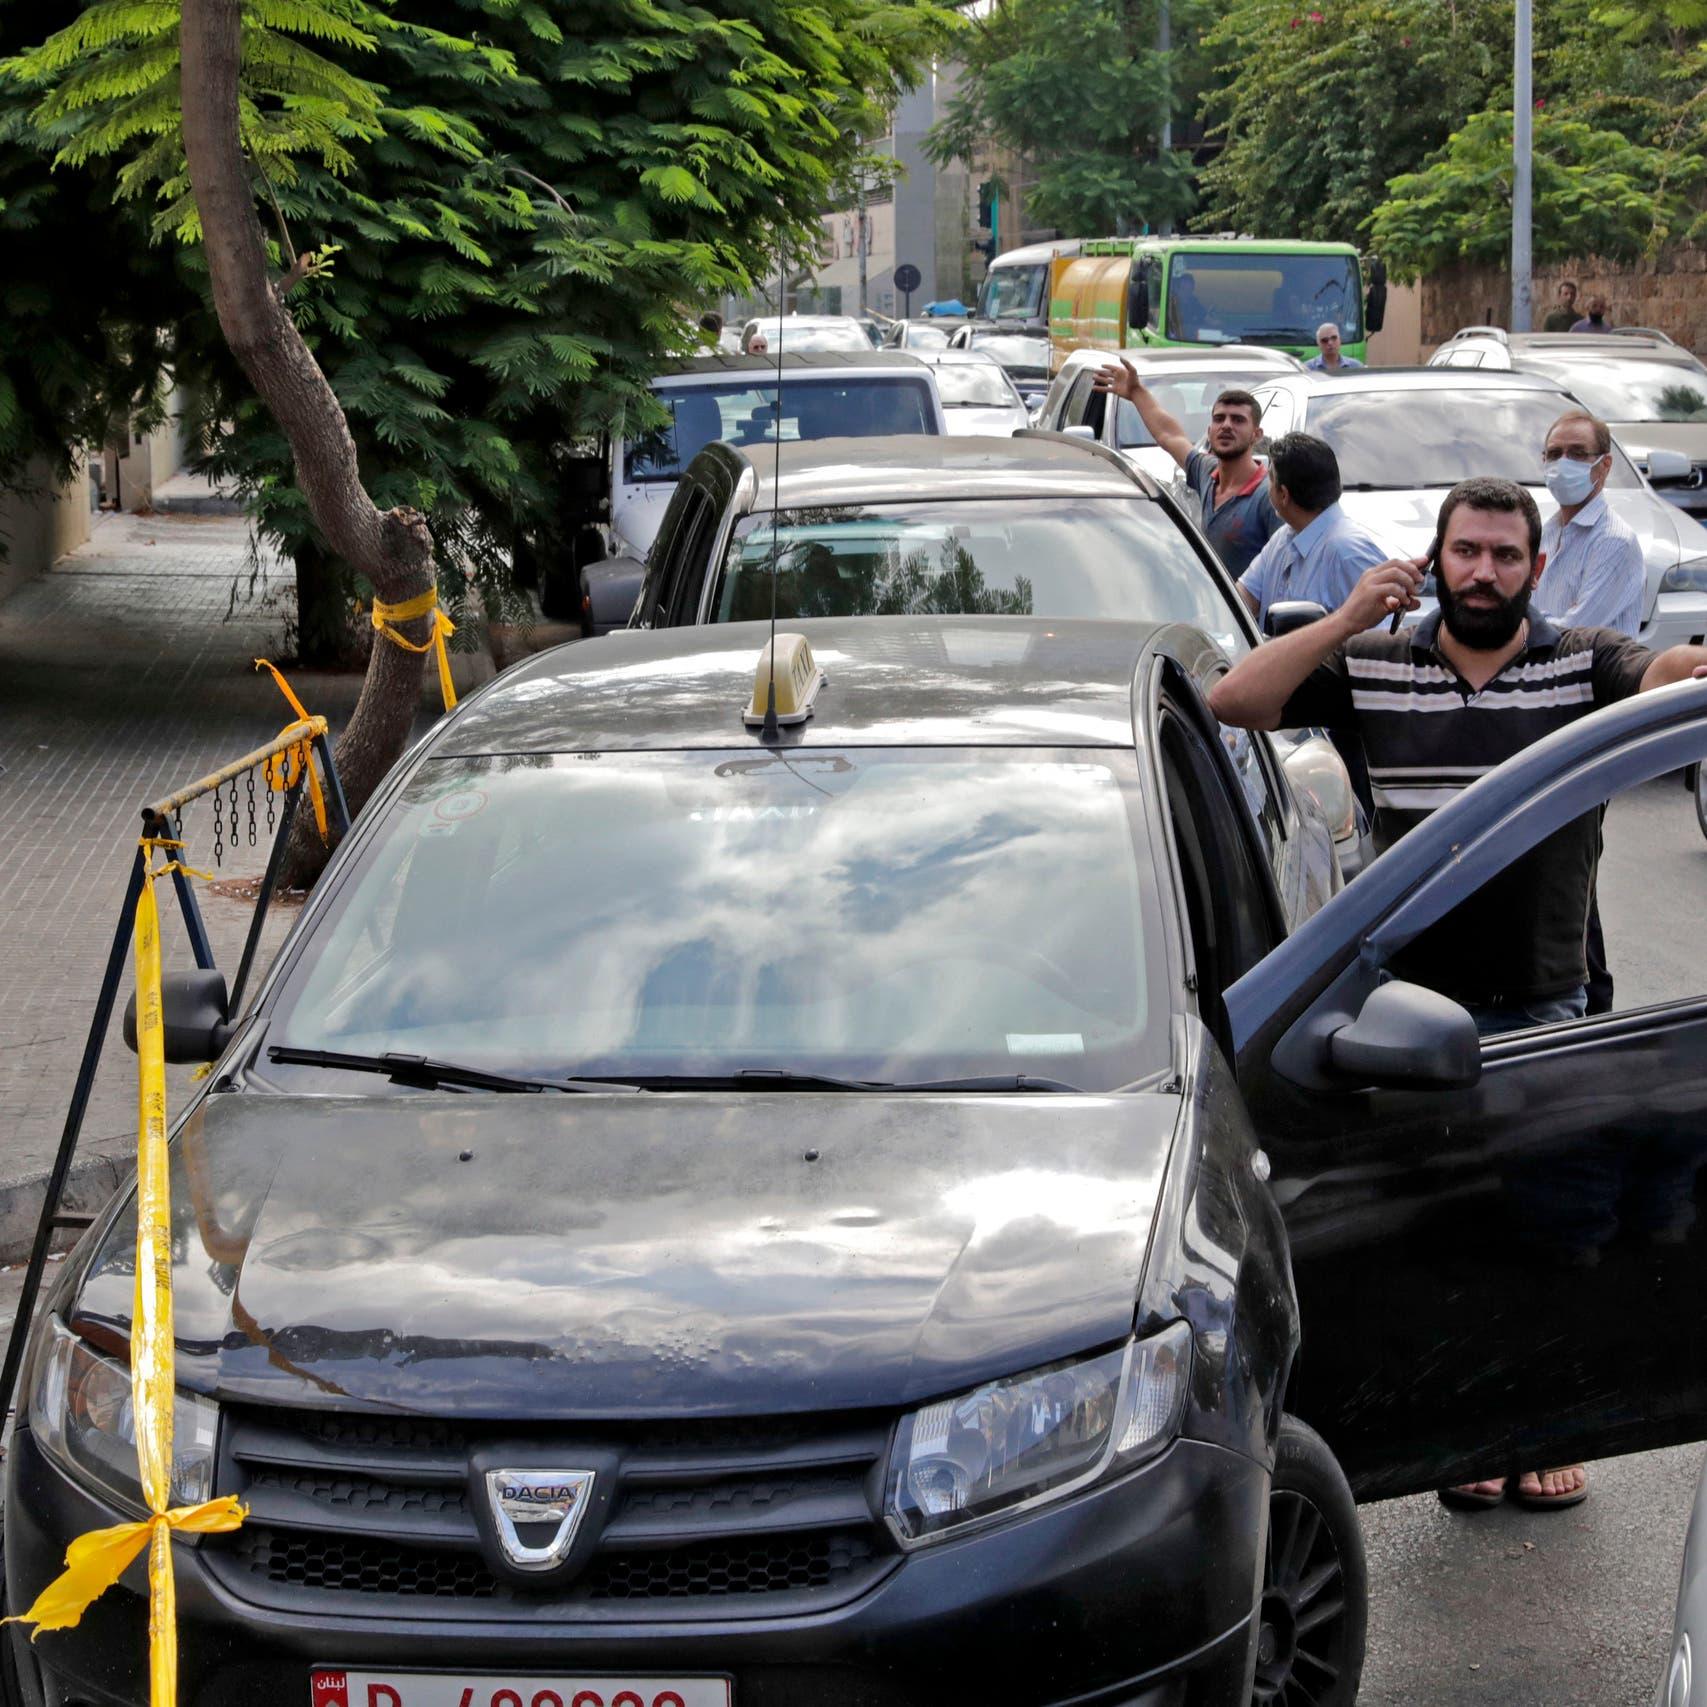 بعد البنزين أتى دور المياه.. لم يبق سوى الهواء في لبنان